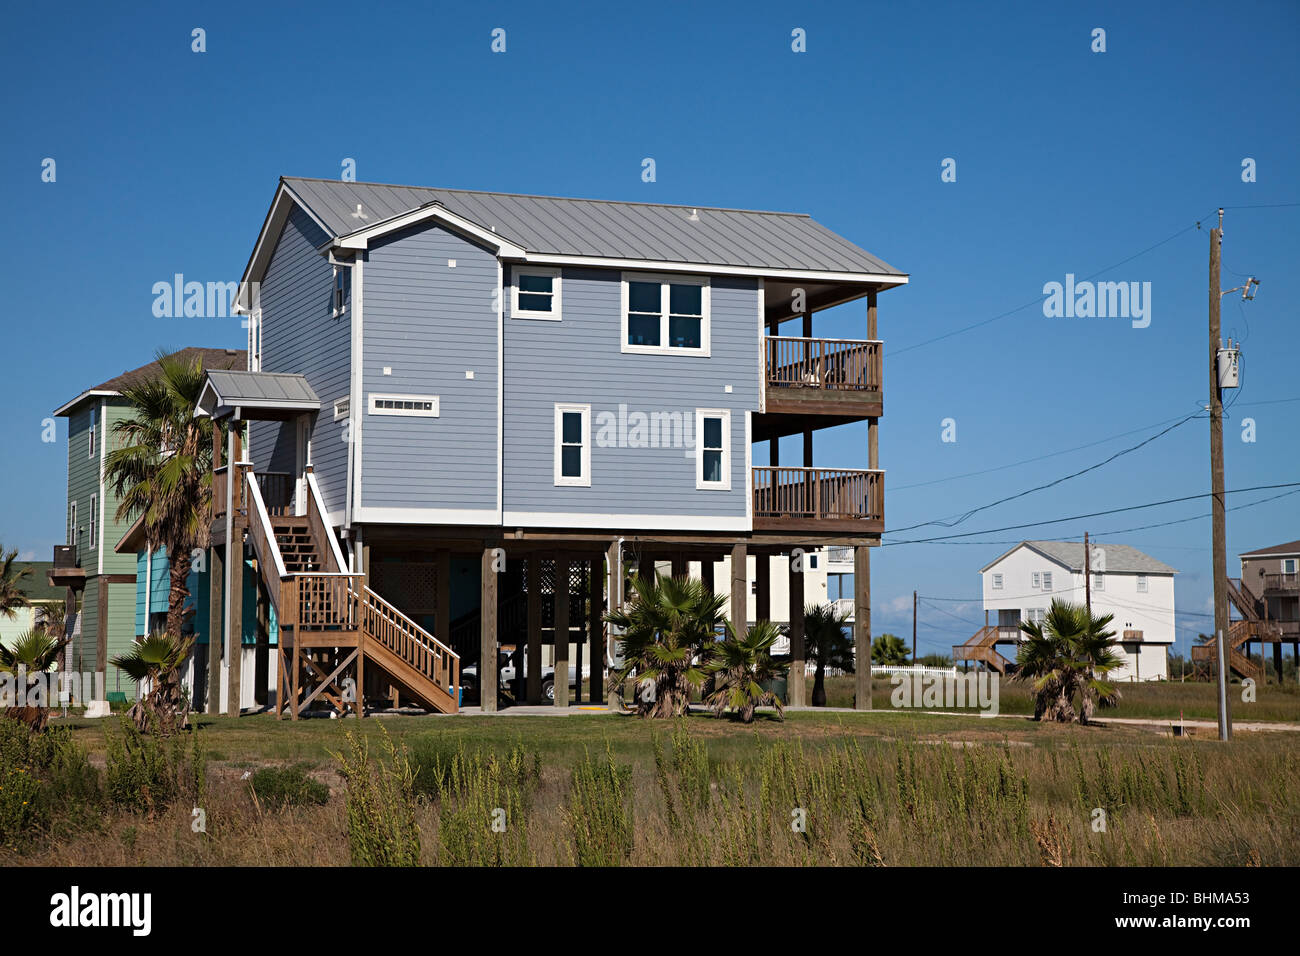 Wooden house on stilts on beach front galveston texas usa